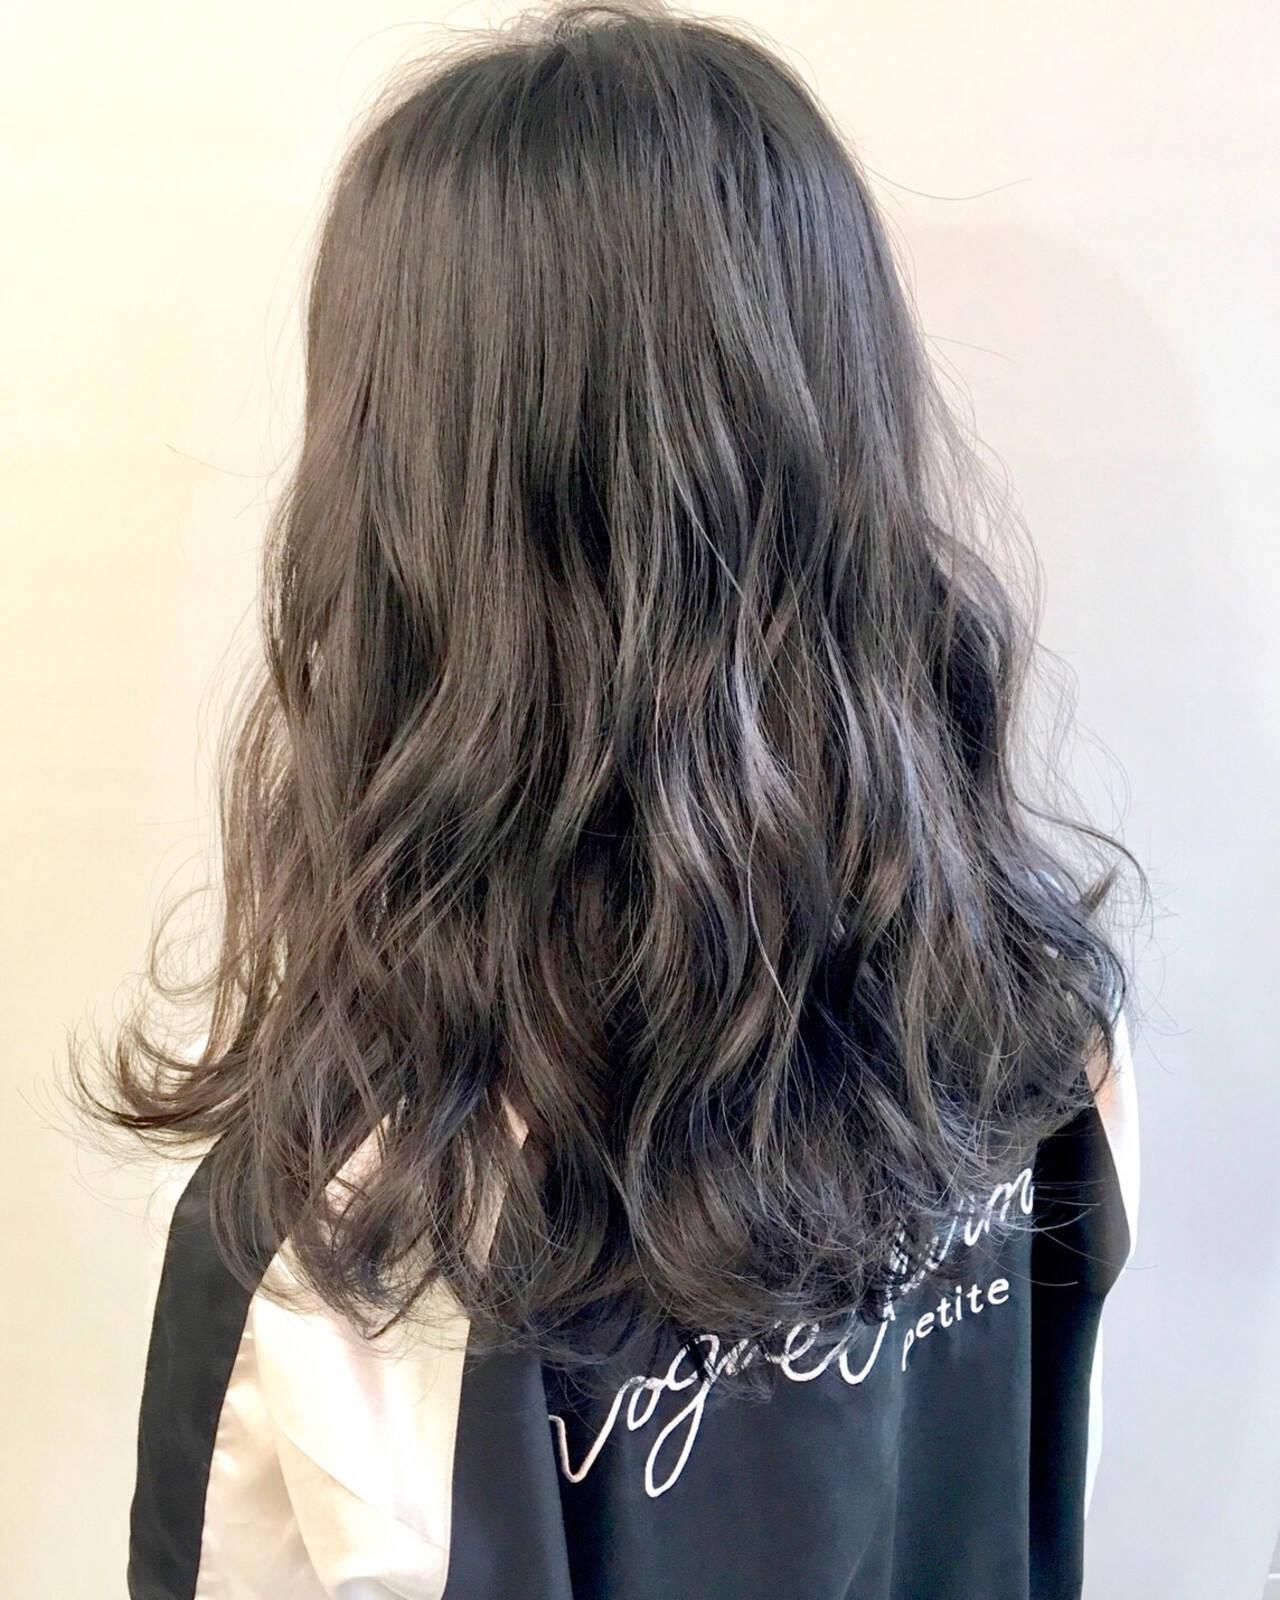 ミルクティーブラウン ミルクティーグレー ミルクティーベージュ ミルクティーアッシュヘアスタイルや髪型の写真・画像